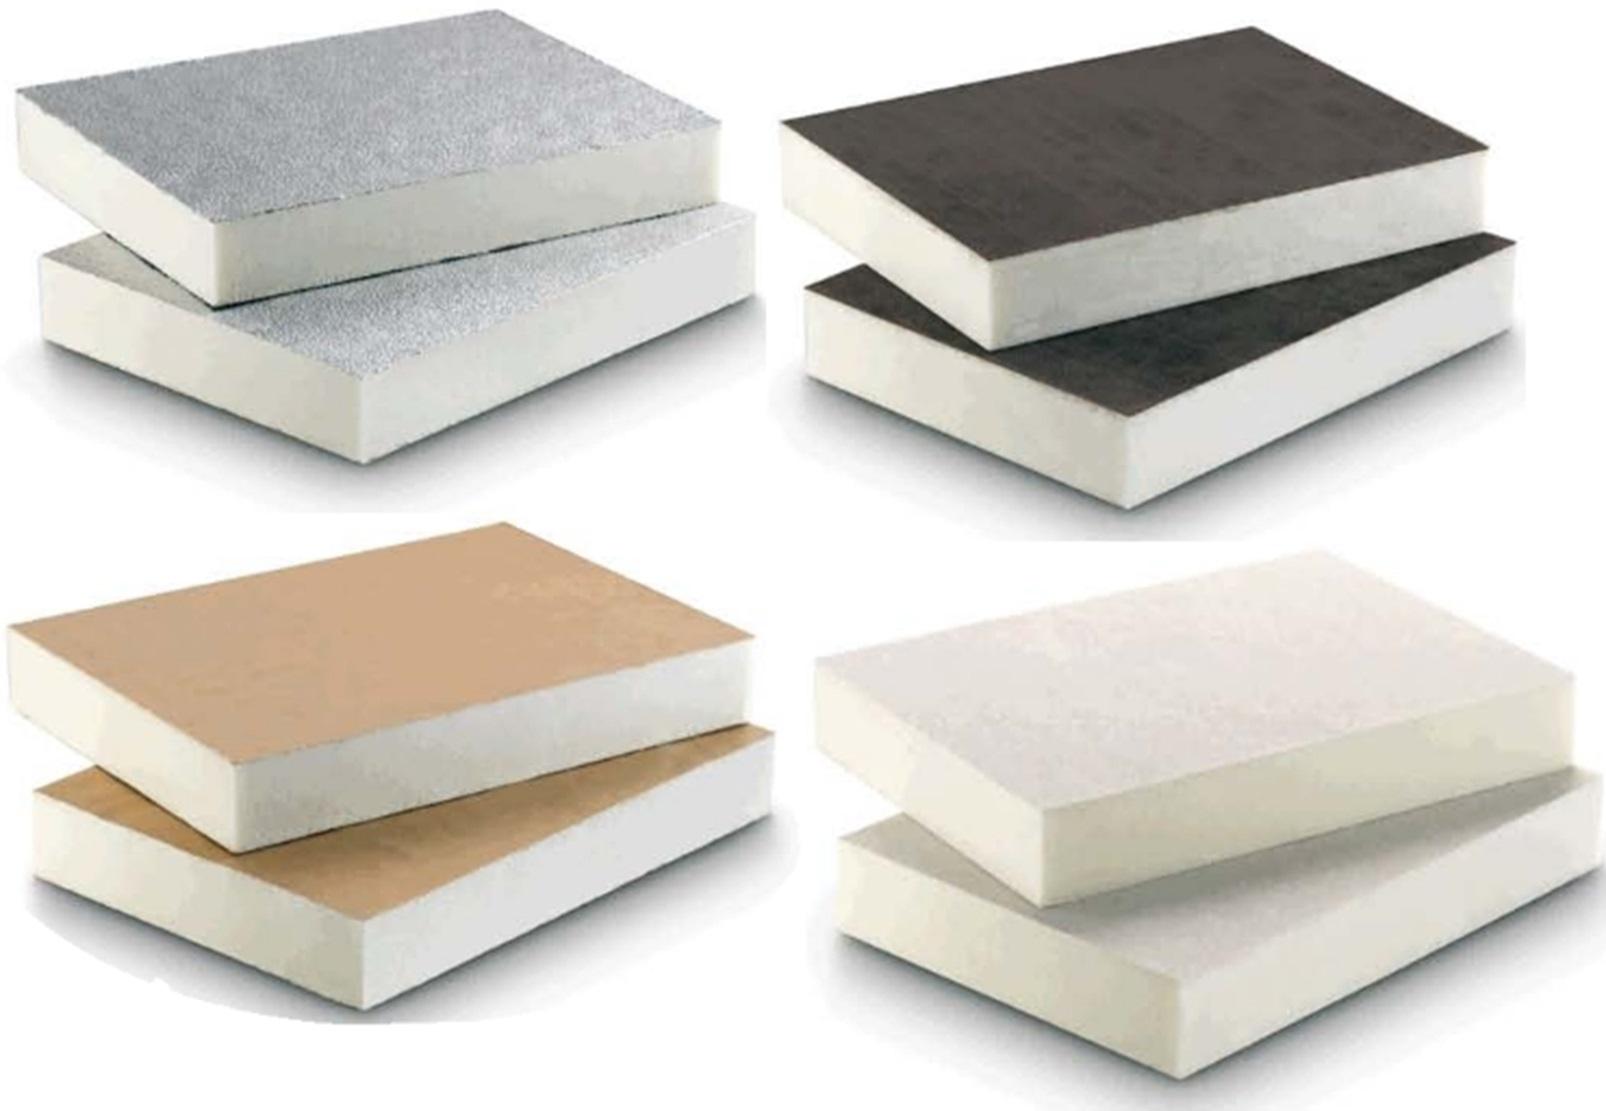 isolamentos Diversos c/ Folha de Alumínio